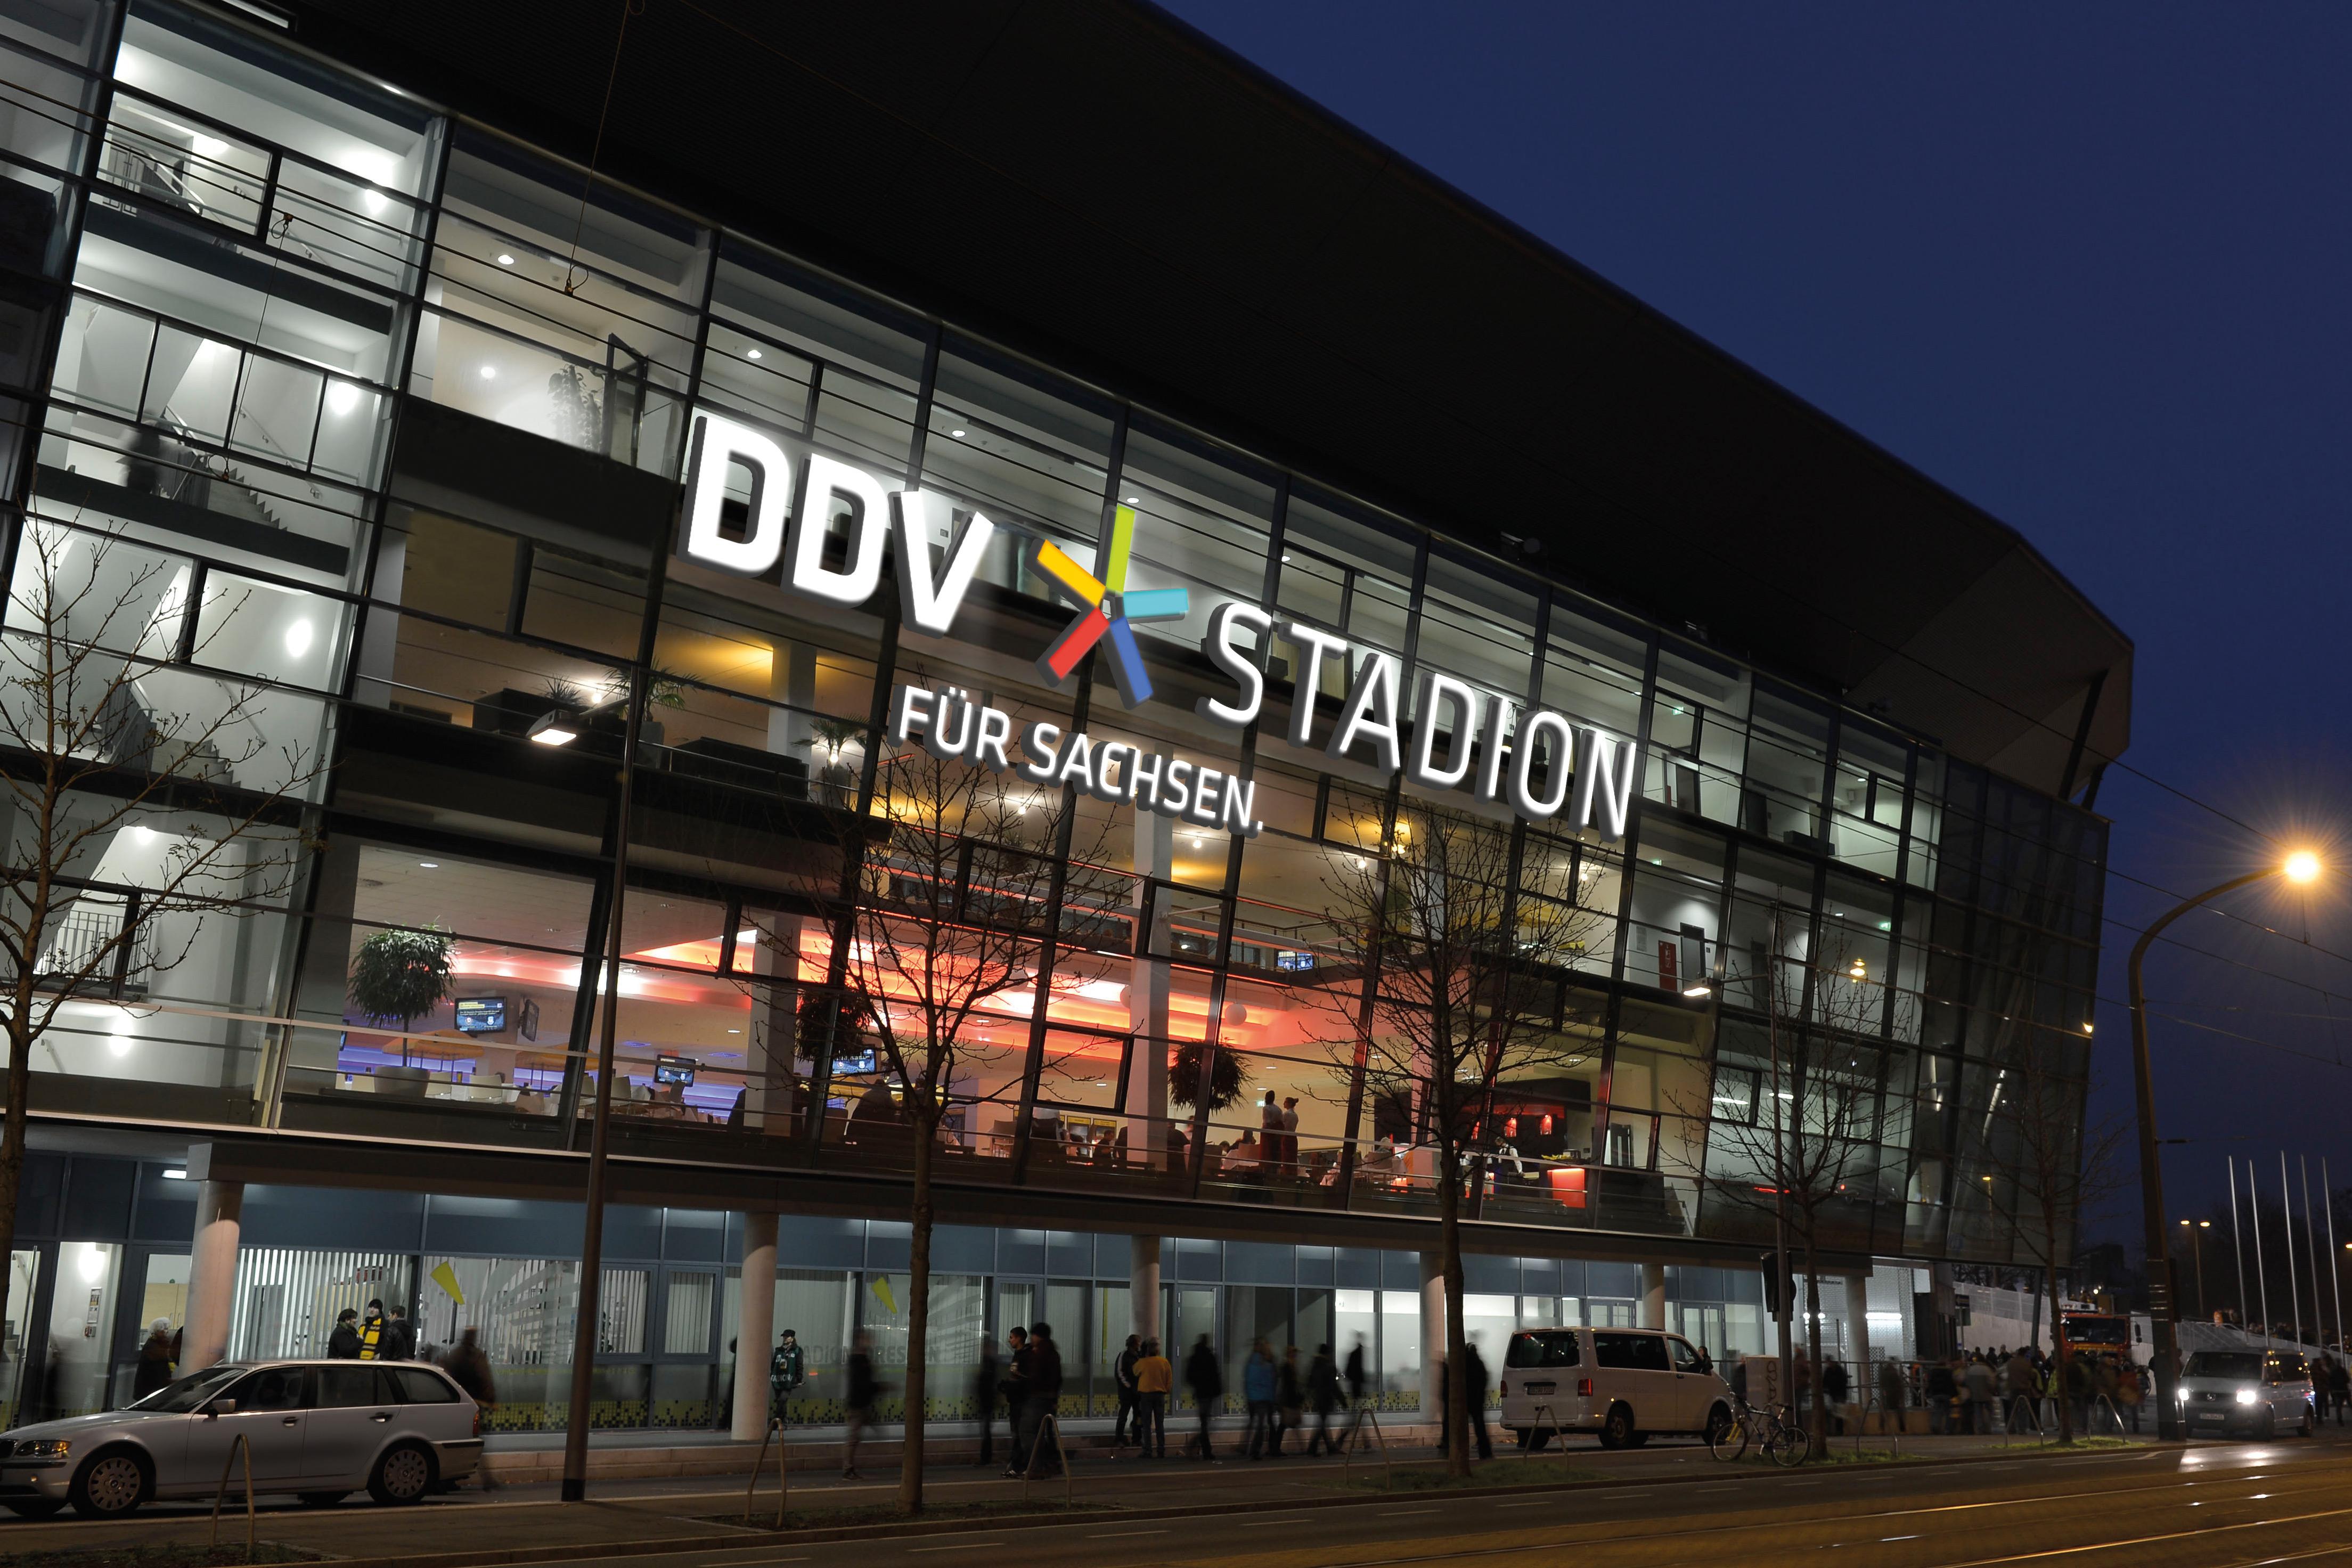 DDV_Stadionmotiv_PR_Bild